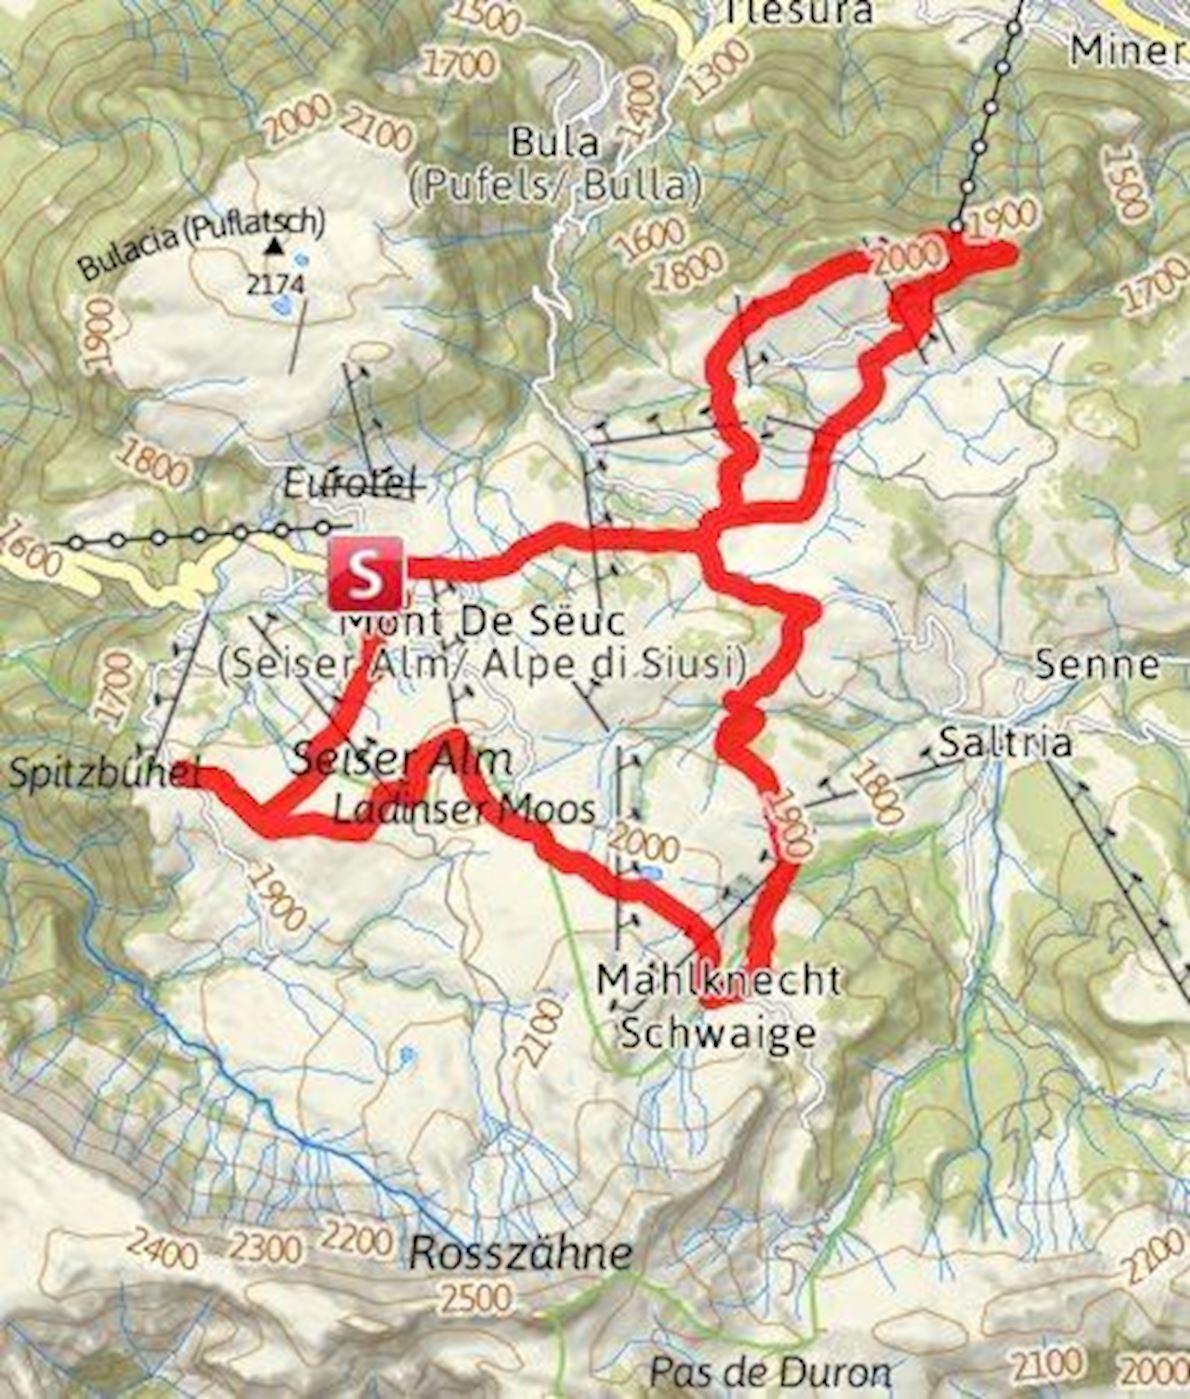 Alpe di Siusi Half Marathon in the Dolomites Mappa del percorso